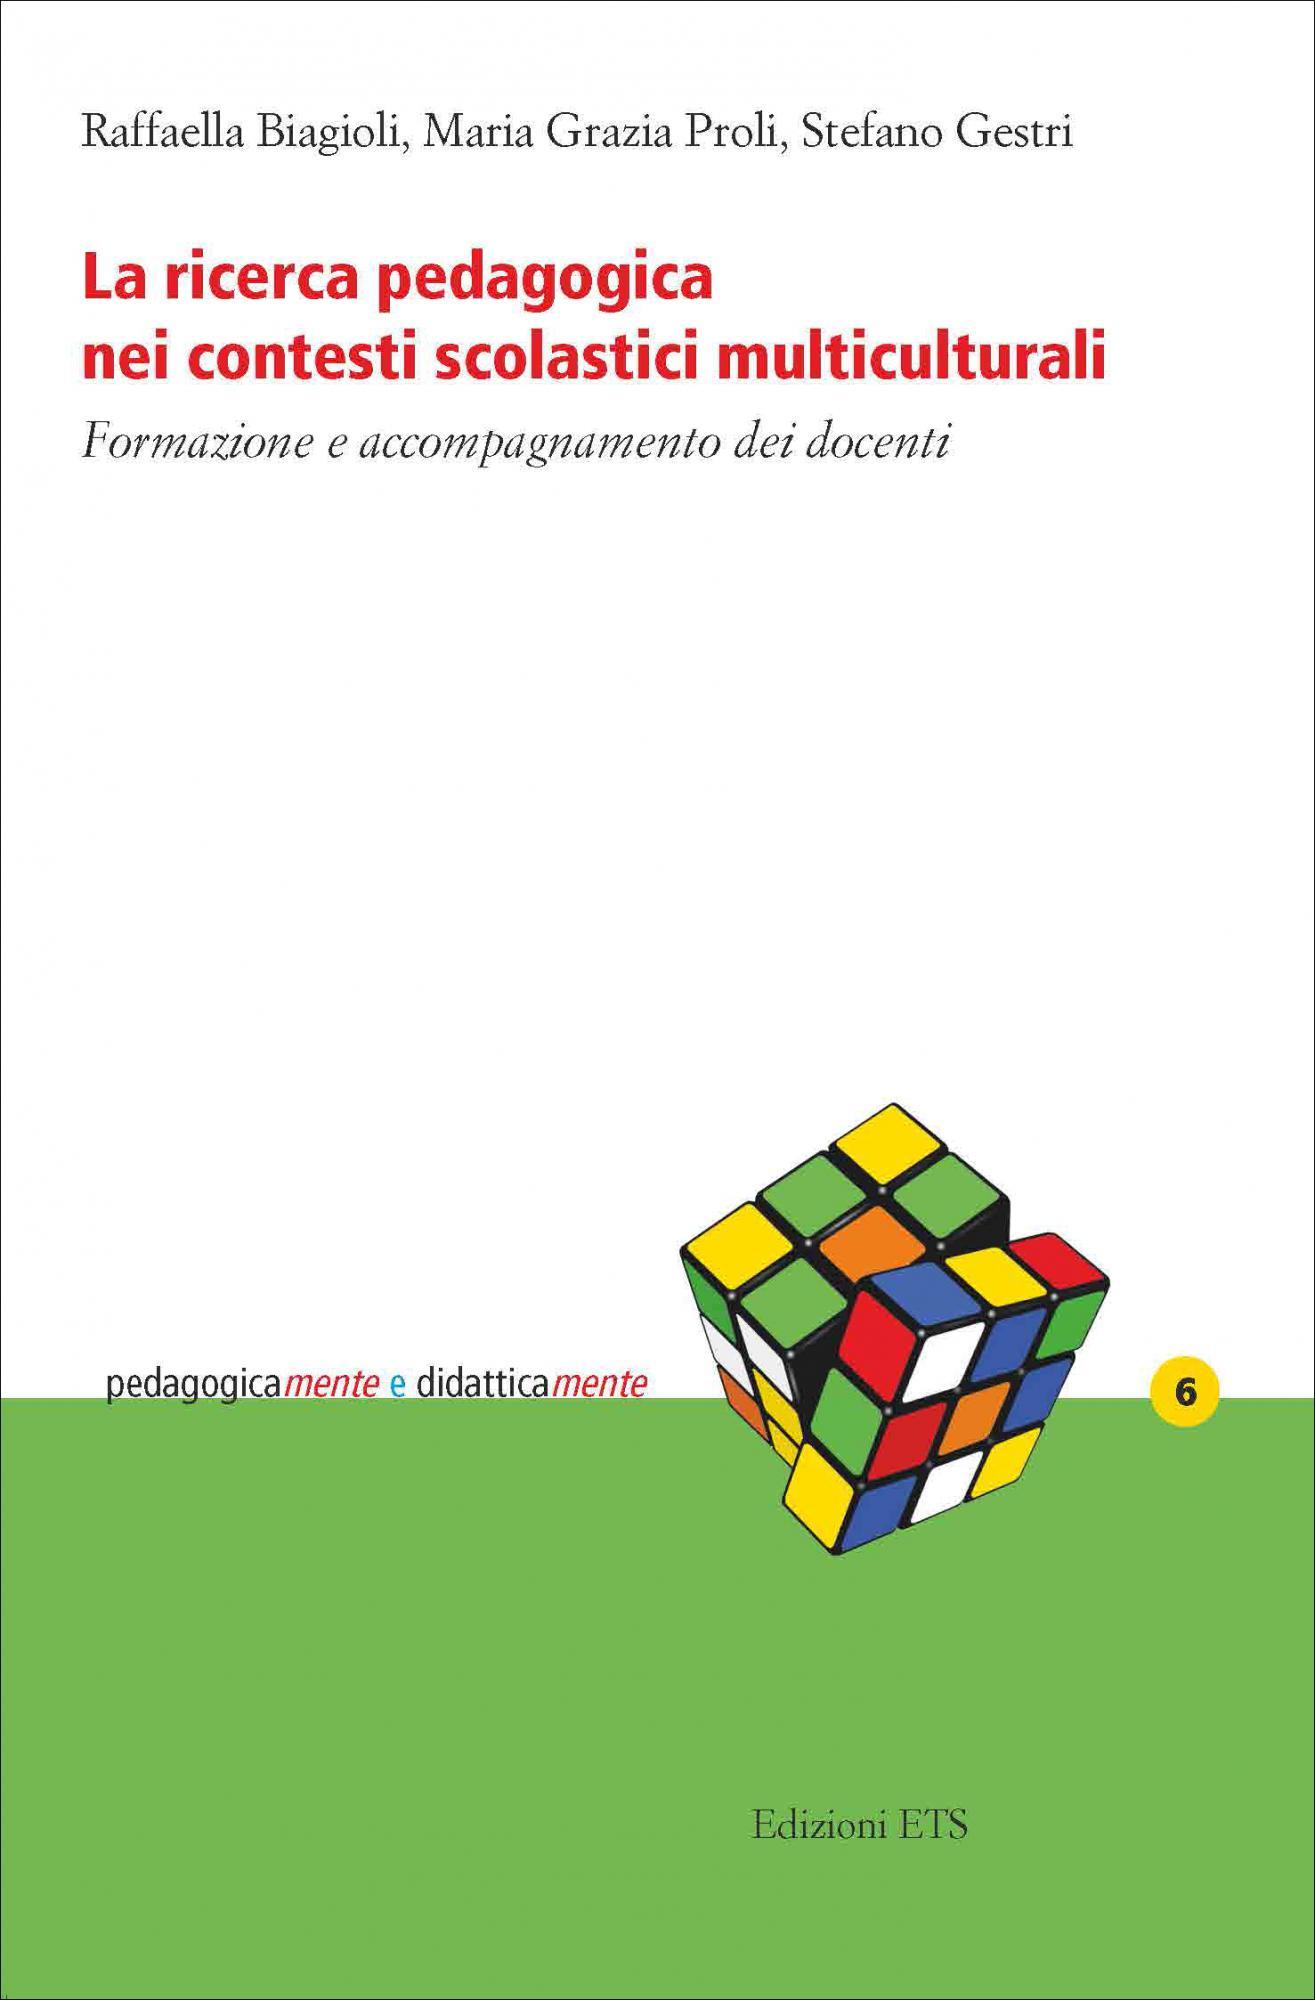 La ricerca pedagogica nei contesti scolastici multiculturali.Formazione e accompagnamento dei docenti